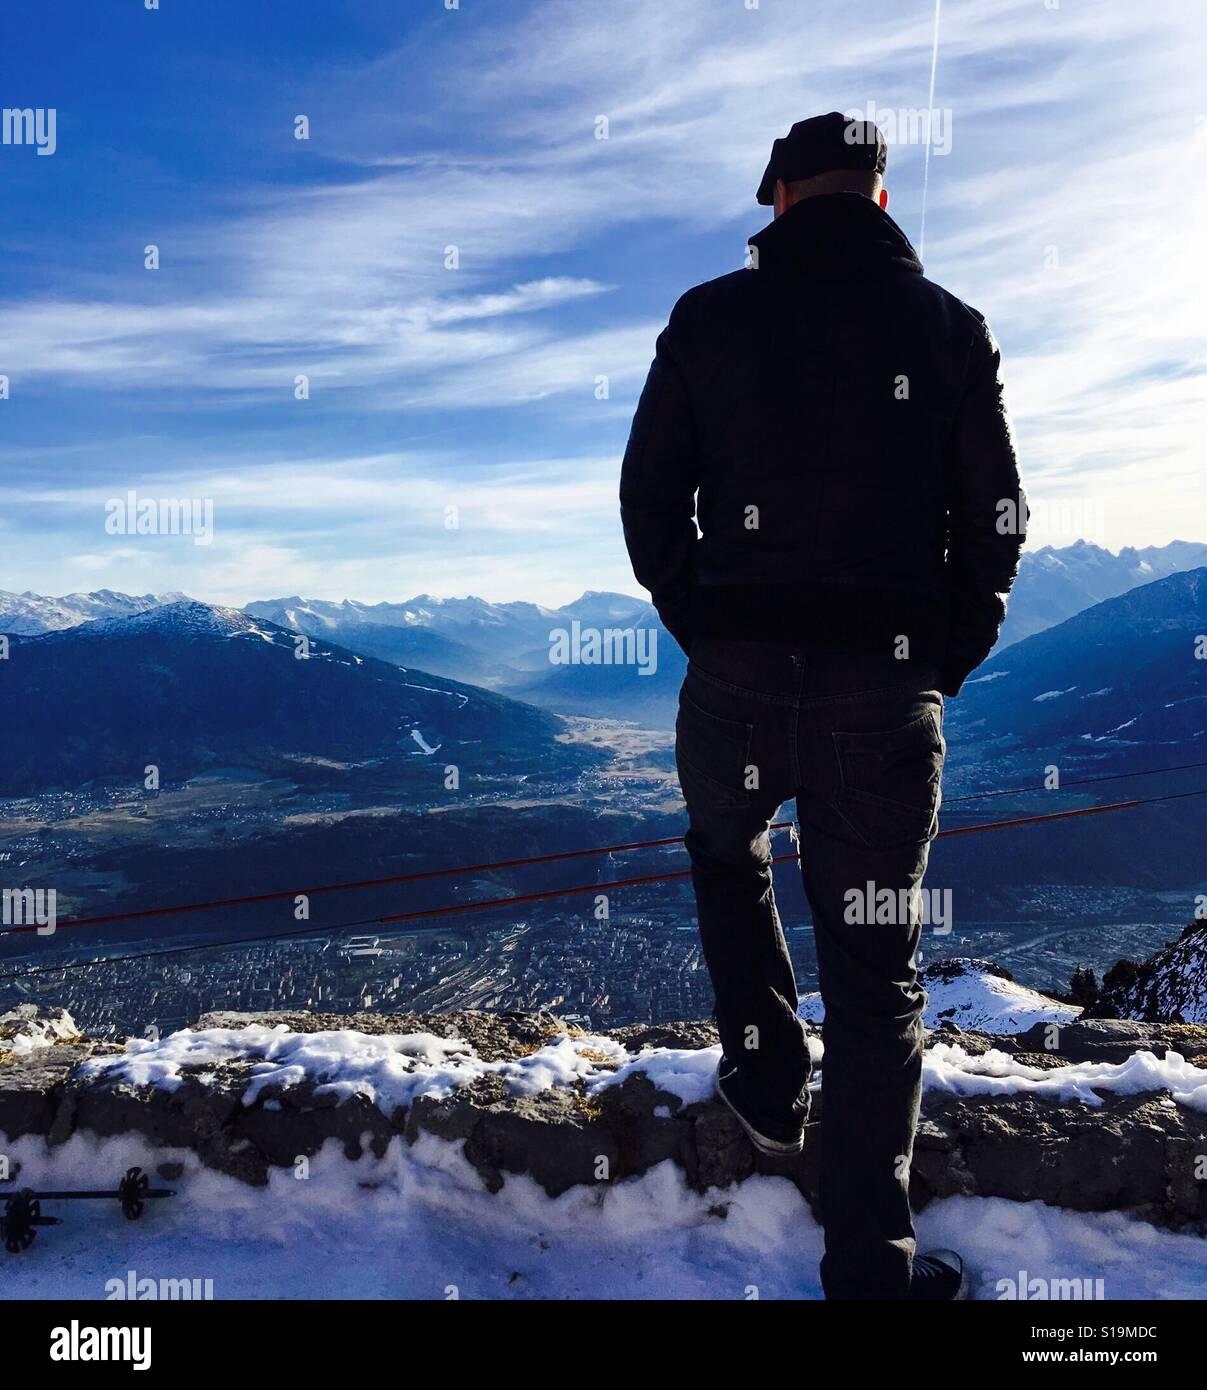 Mirando por encima de Innsbruck, en los Alpes austríacos. Foto de stock